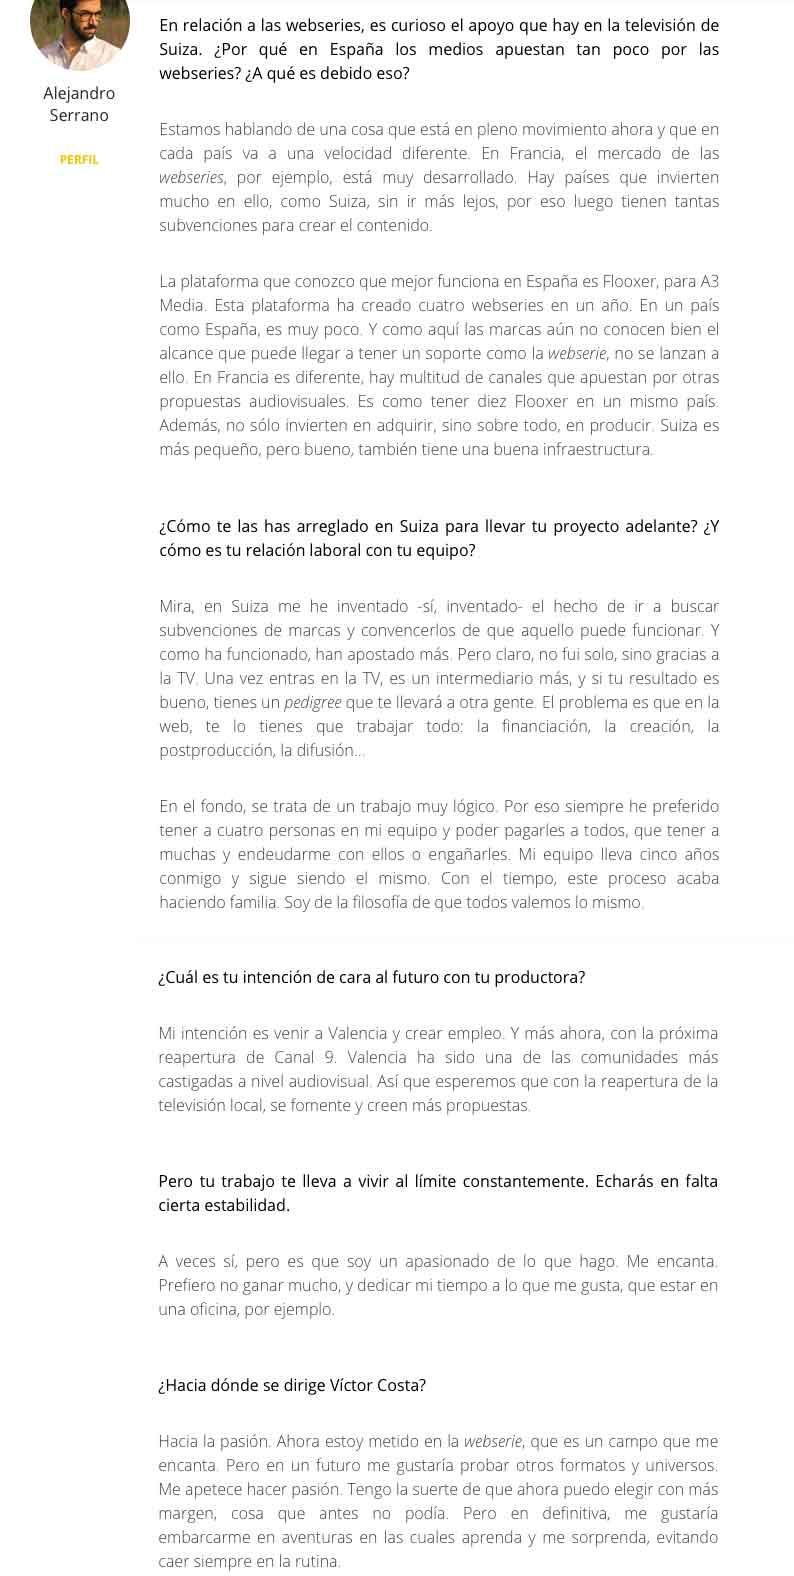 El Hype du 02 août 2016 - Espagne suite 3